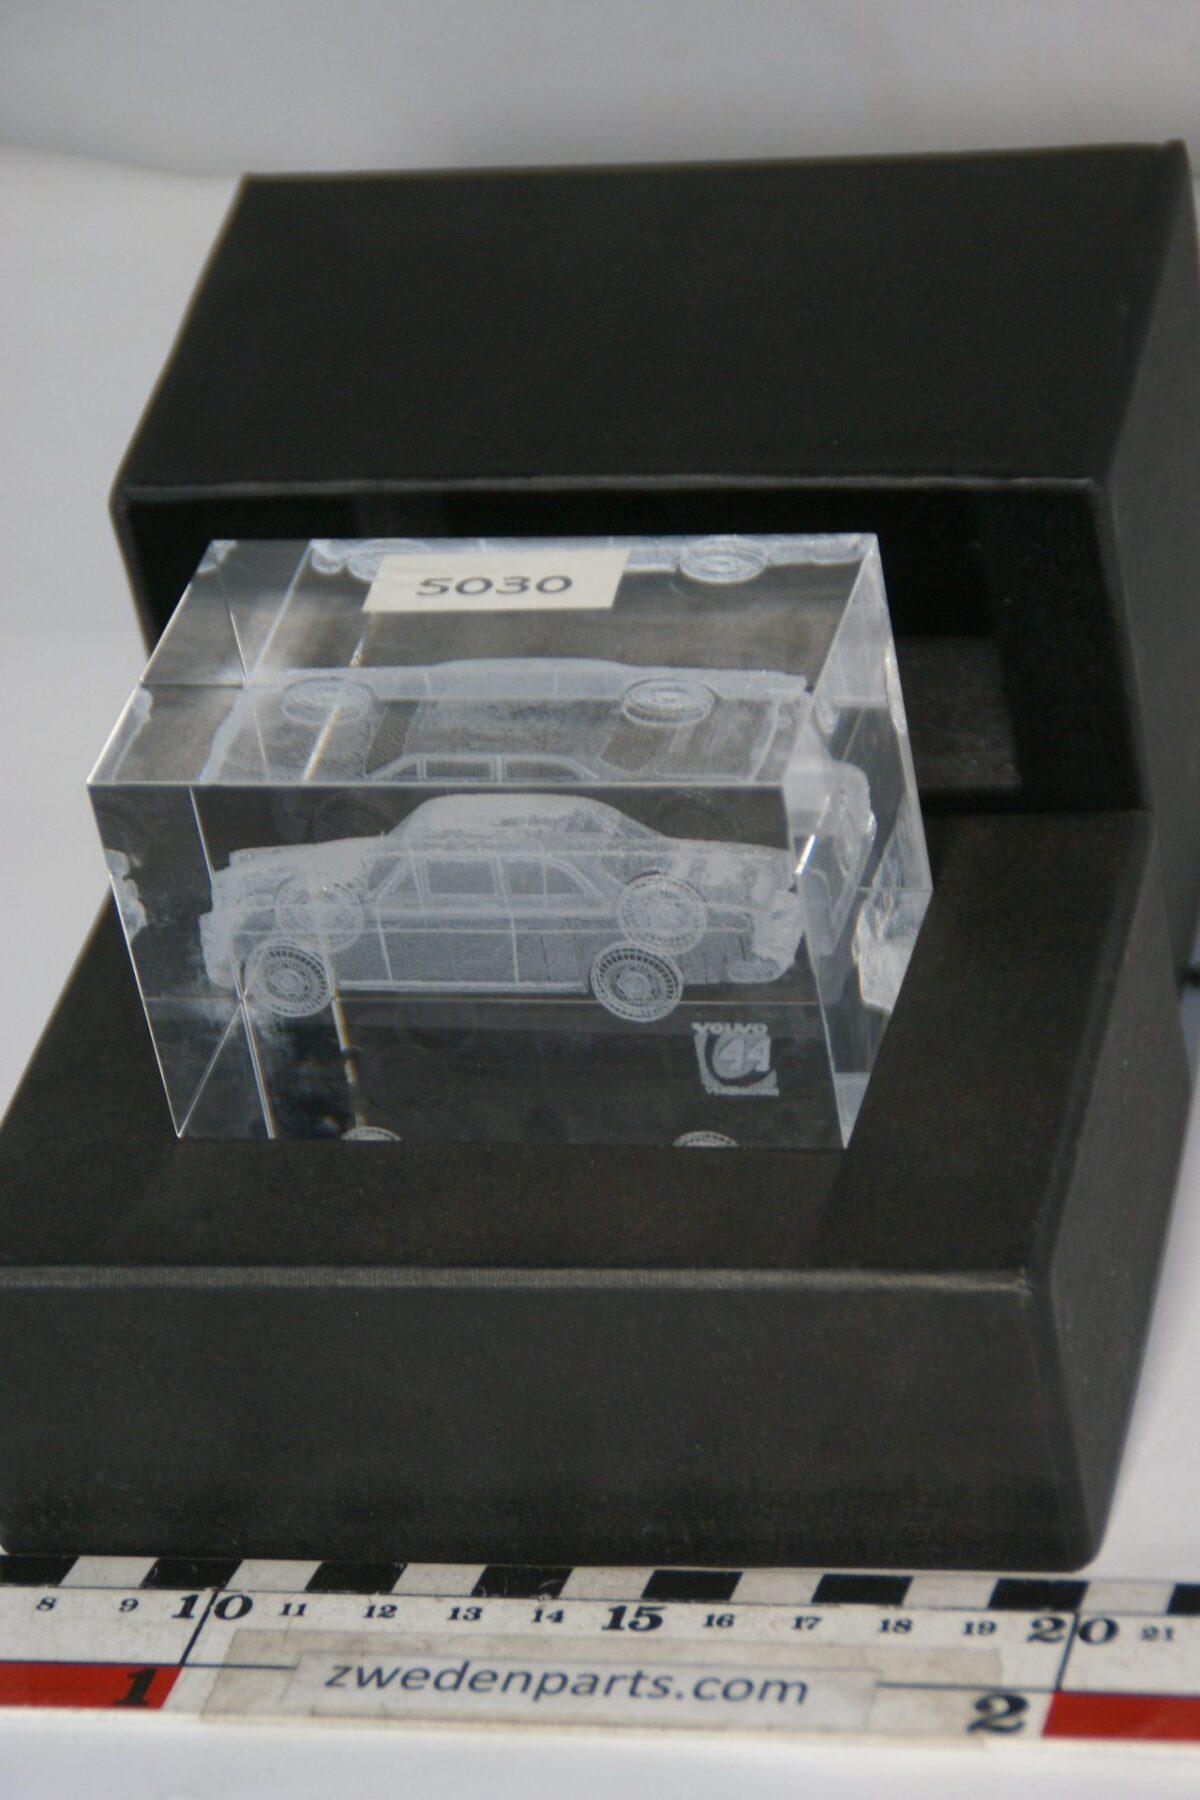 DSC05188 kristallen presse-papier met Amazon ingelaserd MB